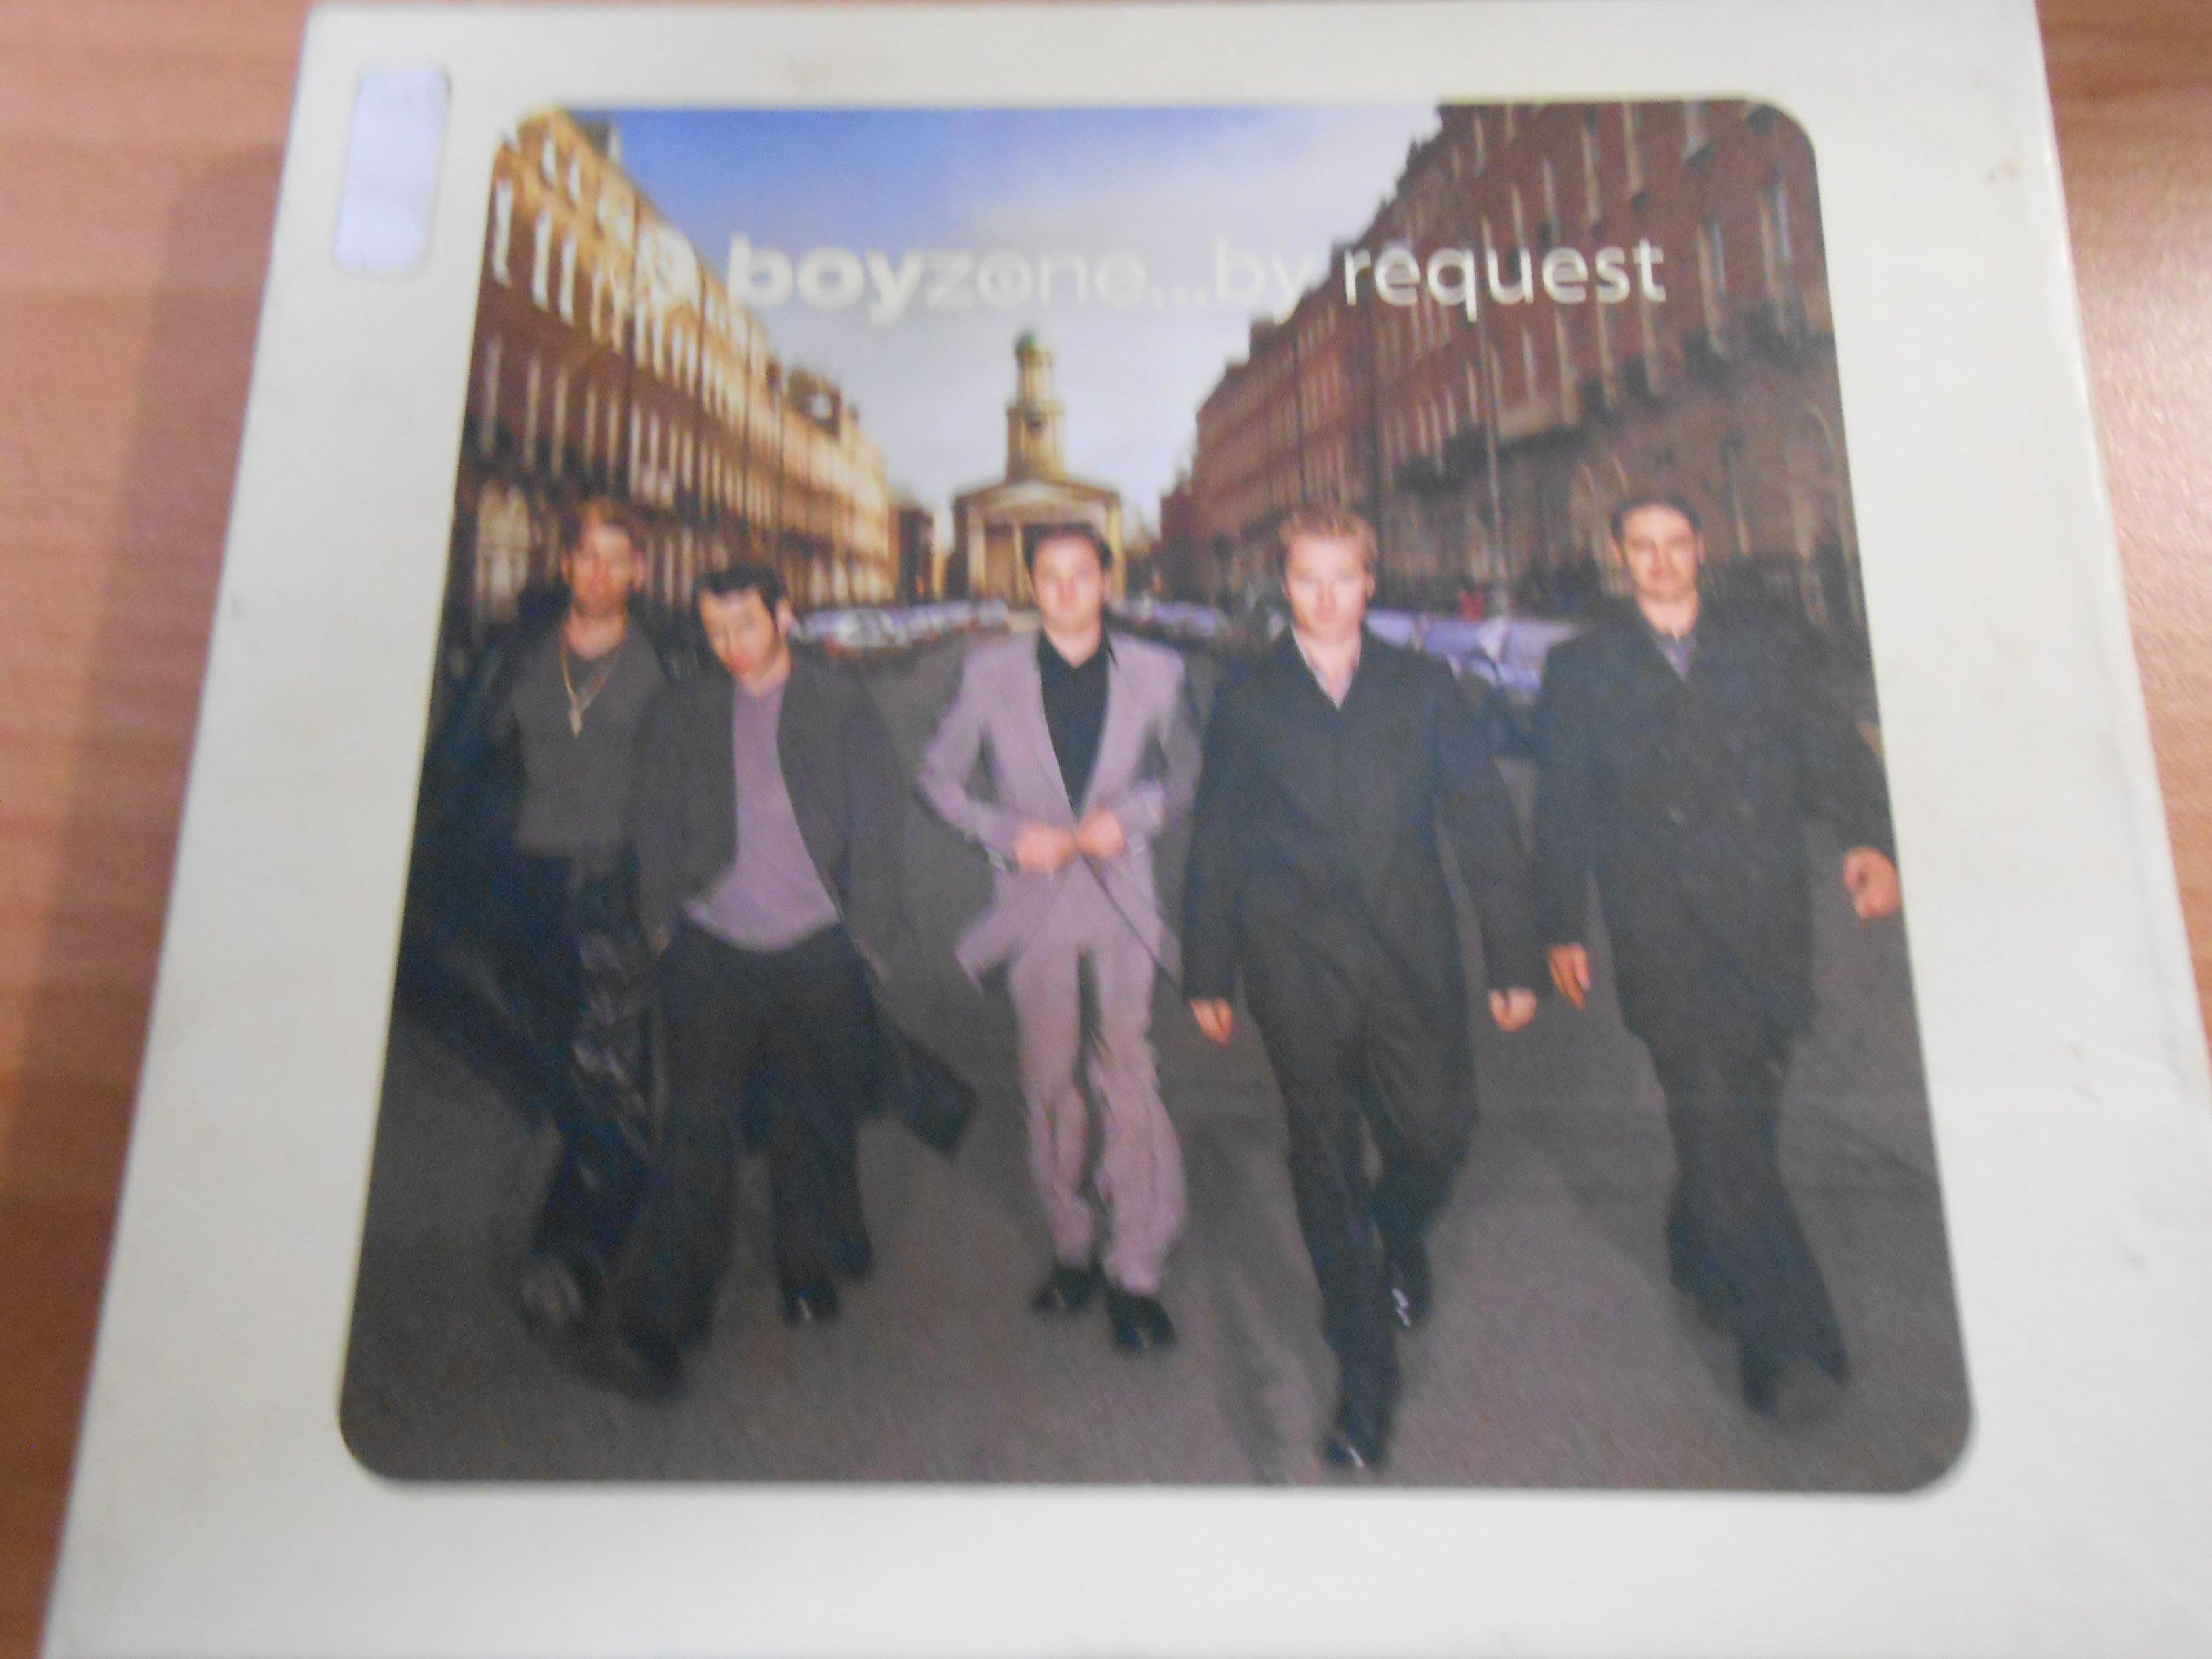 【采葳音樂網】-西洋CD – 〝boyzone...by request 〞 * boyzone * 共1 片A8